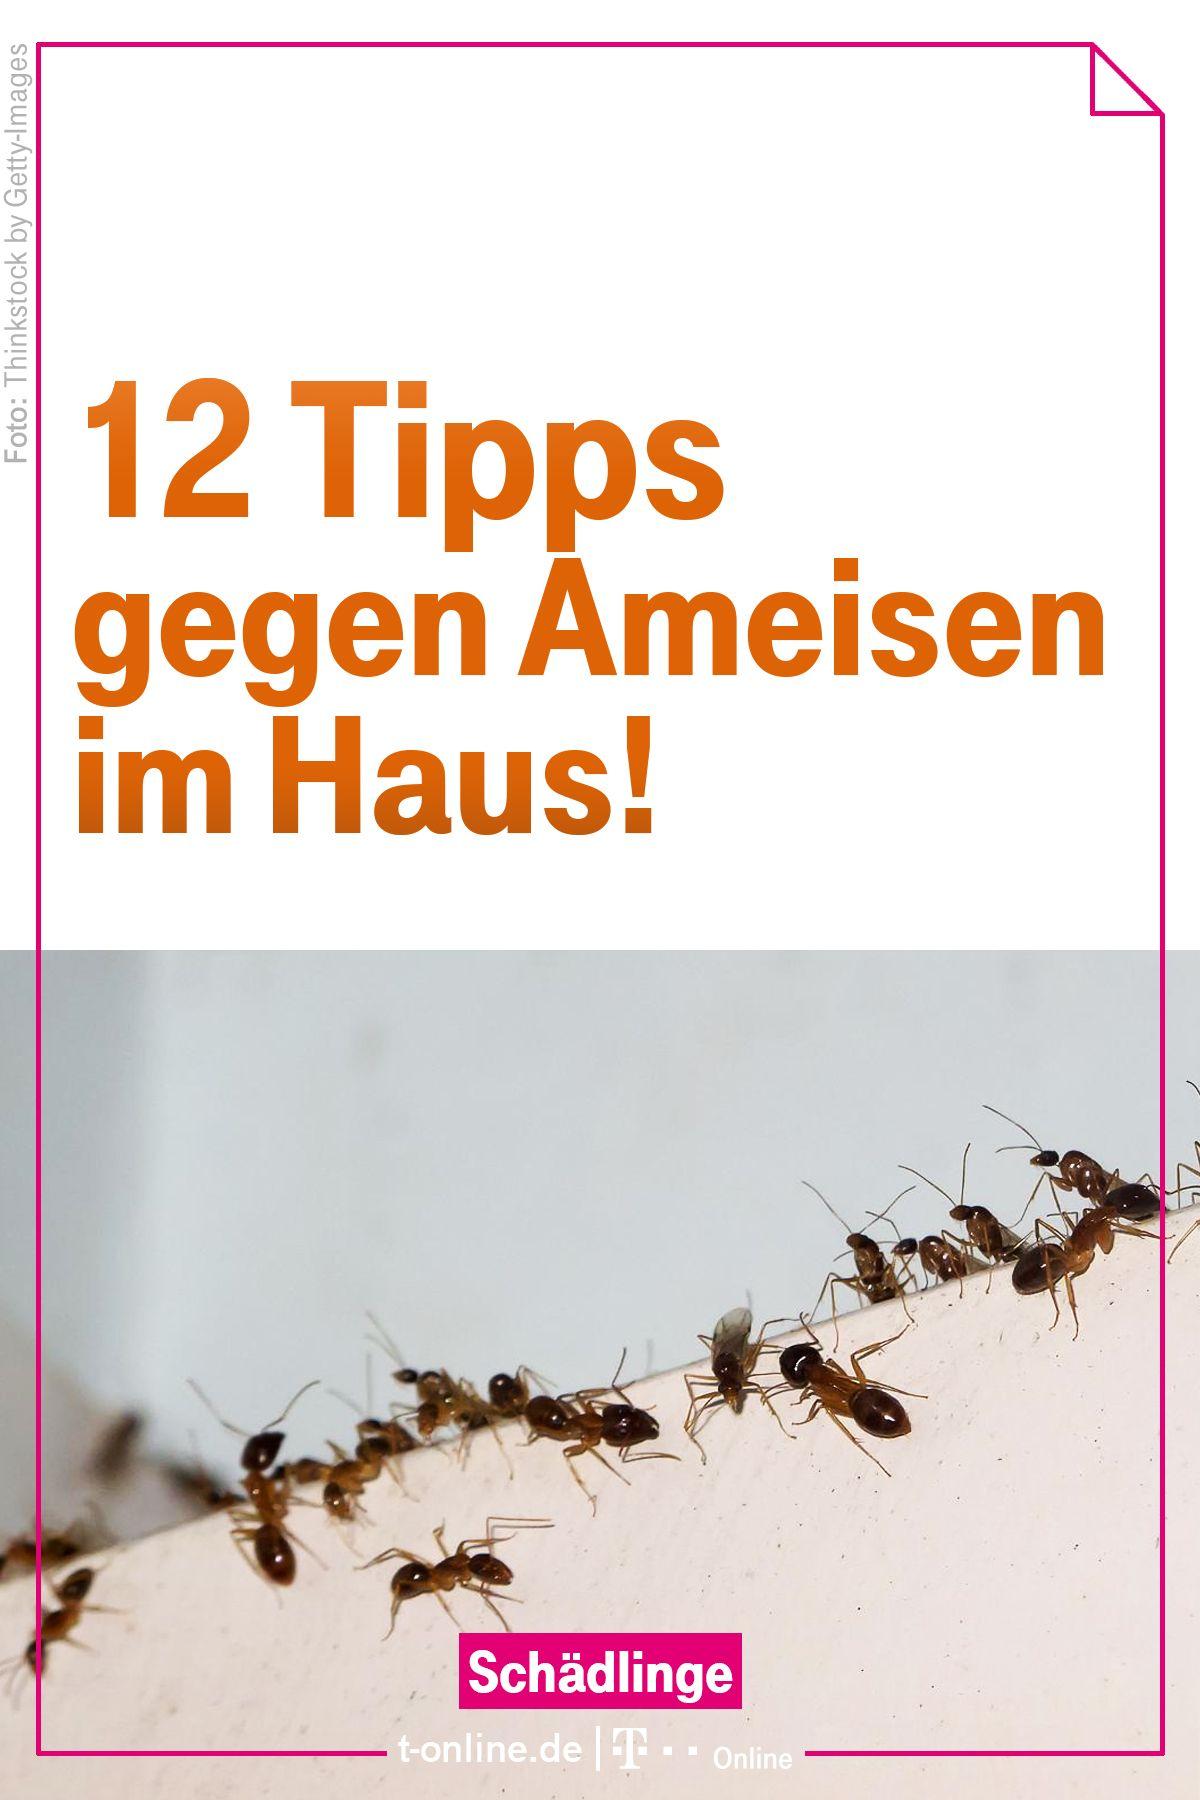 Zwölf einfache Tipps gegen Ameisen im Haus   putzen waschen ...